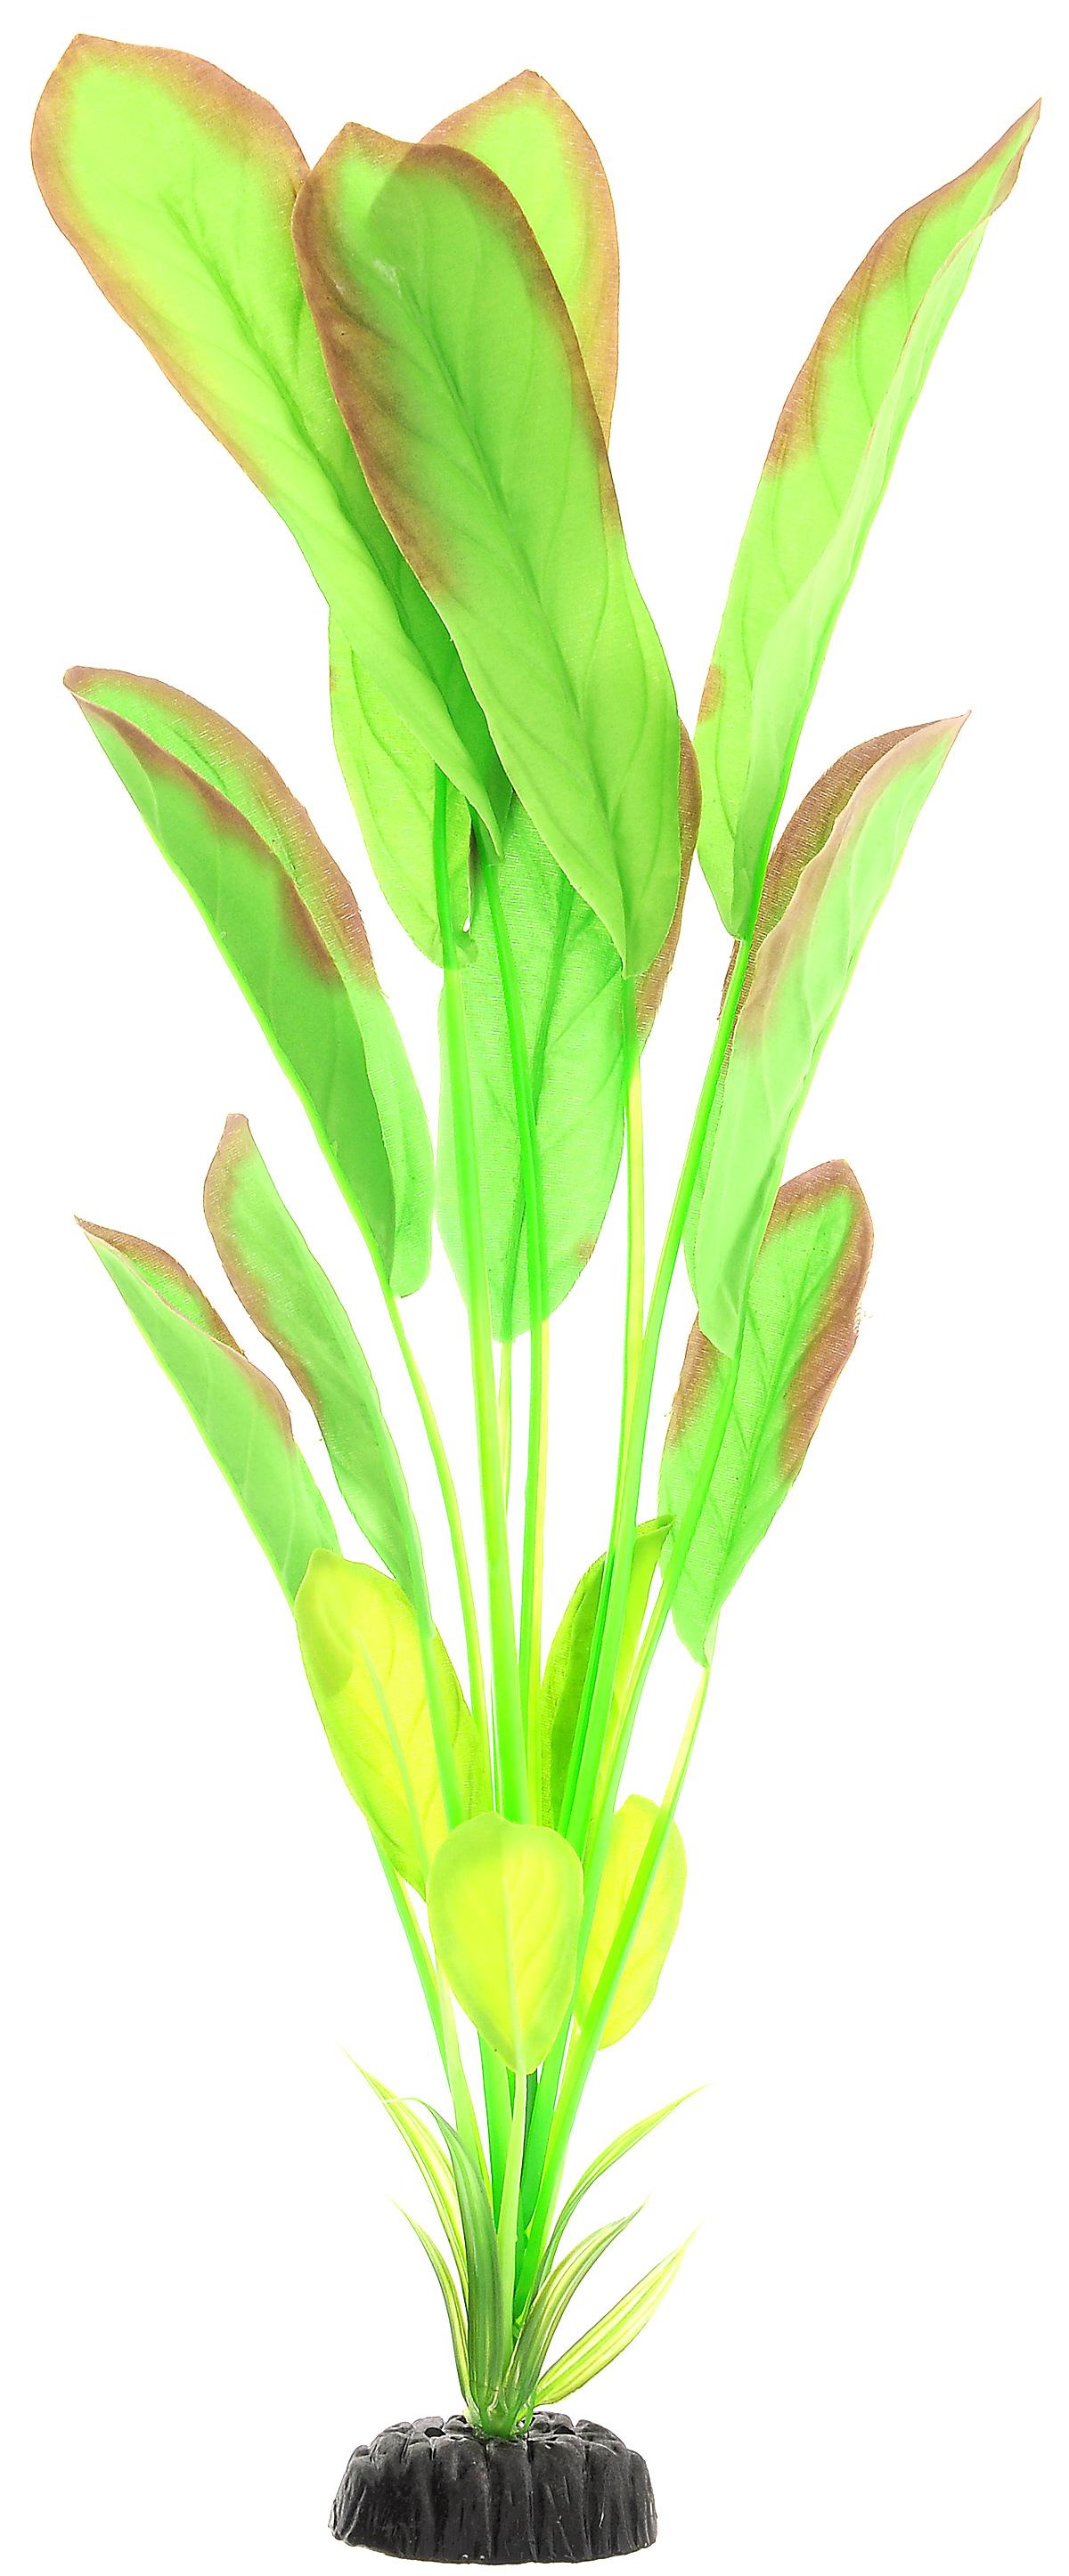 Растение для аквариума Barbus Эхинодорус, шелковое, высота 50 см. Plant 037/50 оборудование для аквариума 50 литров